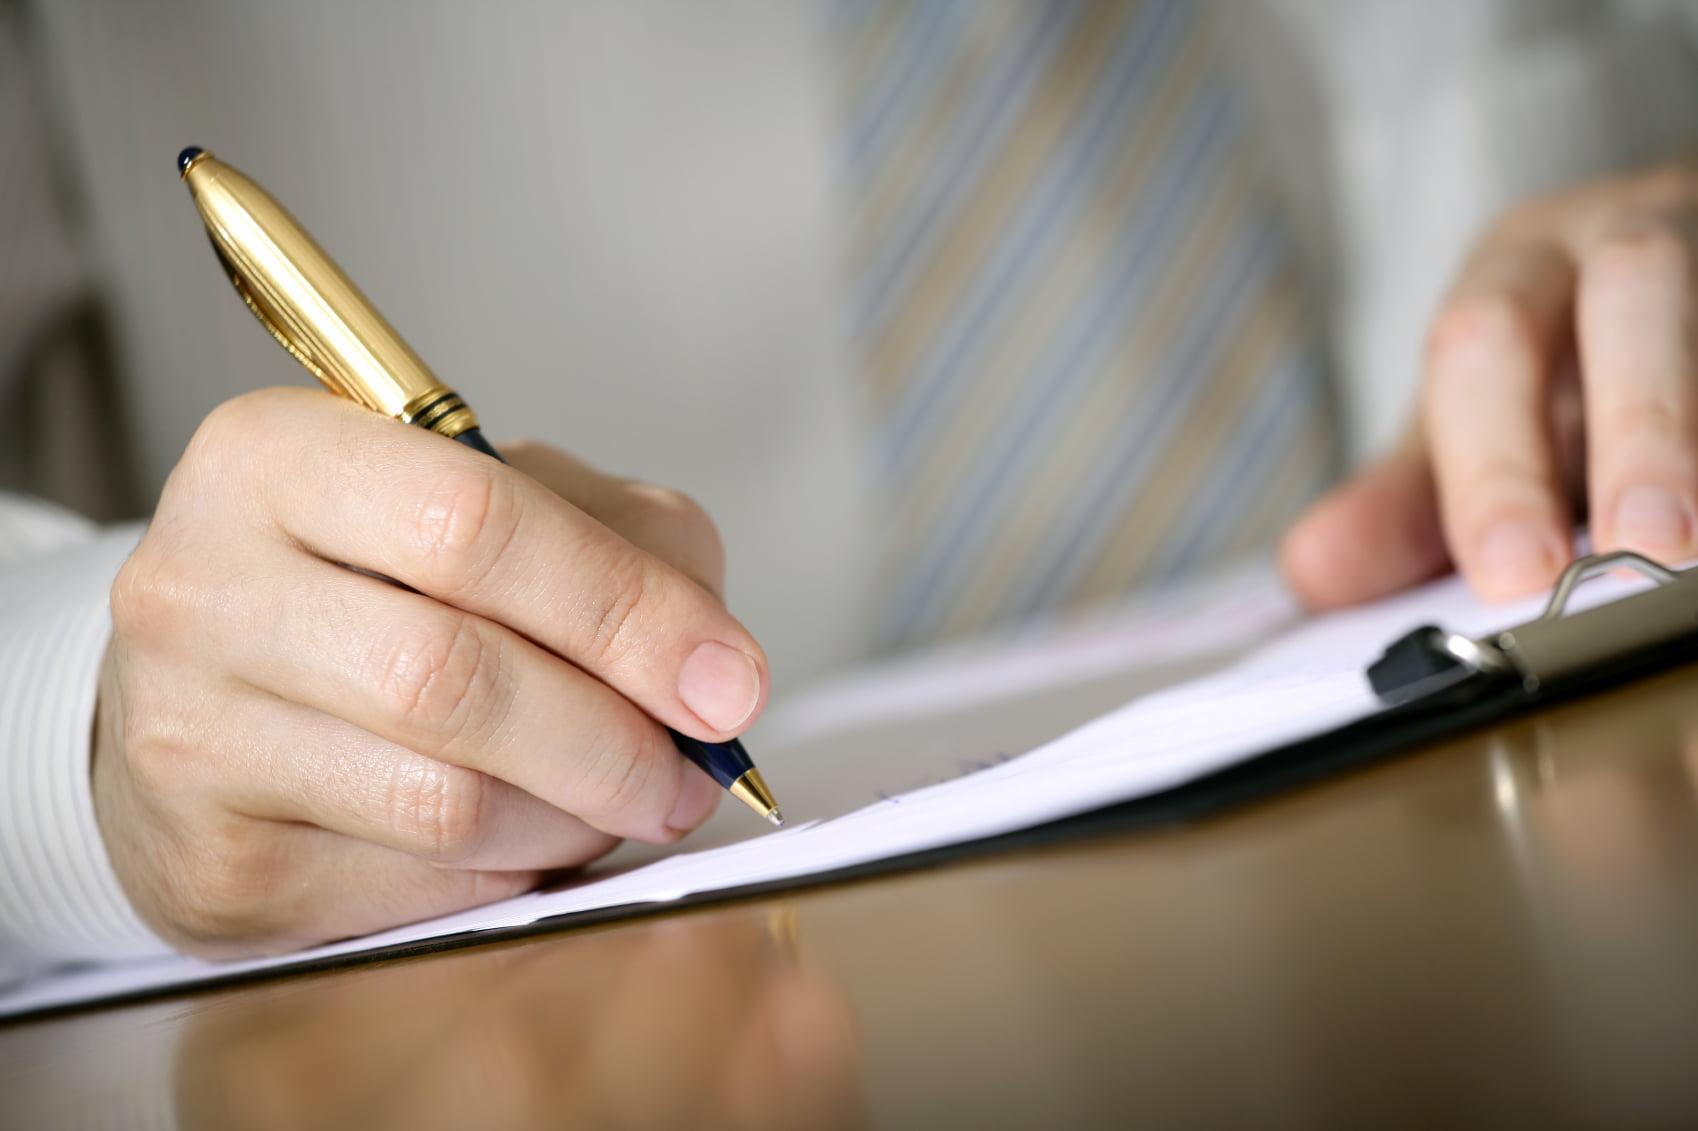 Grunden till ett förebyggande arbete kring missbruk på arbetsplatsen ligger i en väl formulerad och förankrad policy.